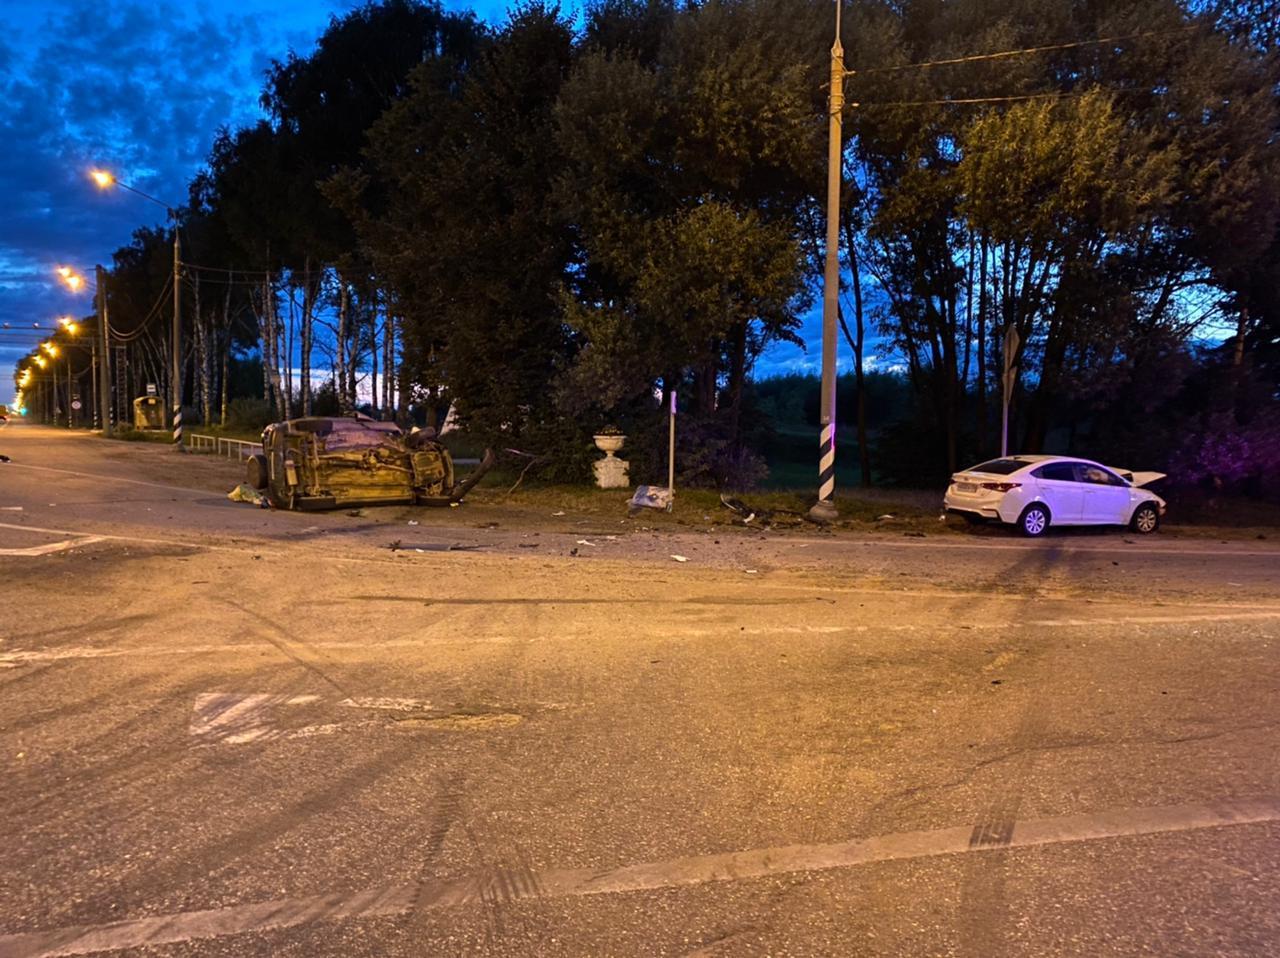 В Тверской области столкнулись «Хонда» и «Шевроле», трое пострадали